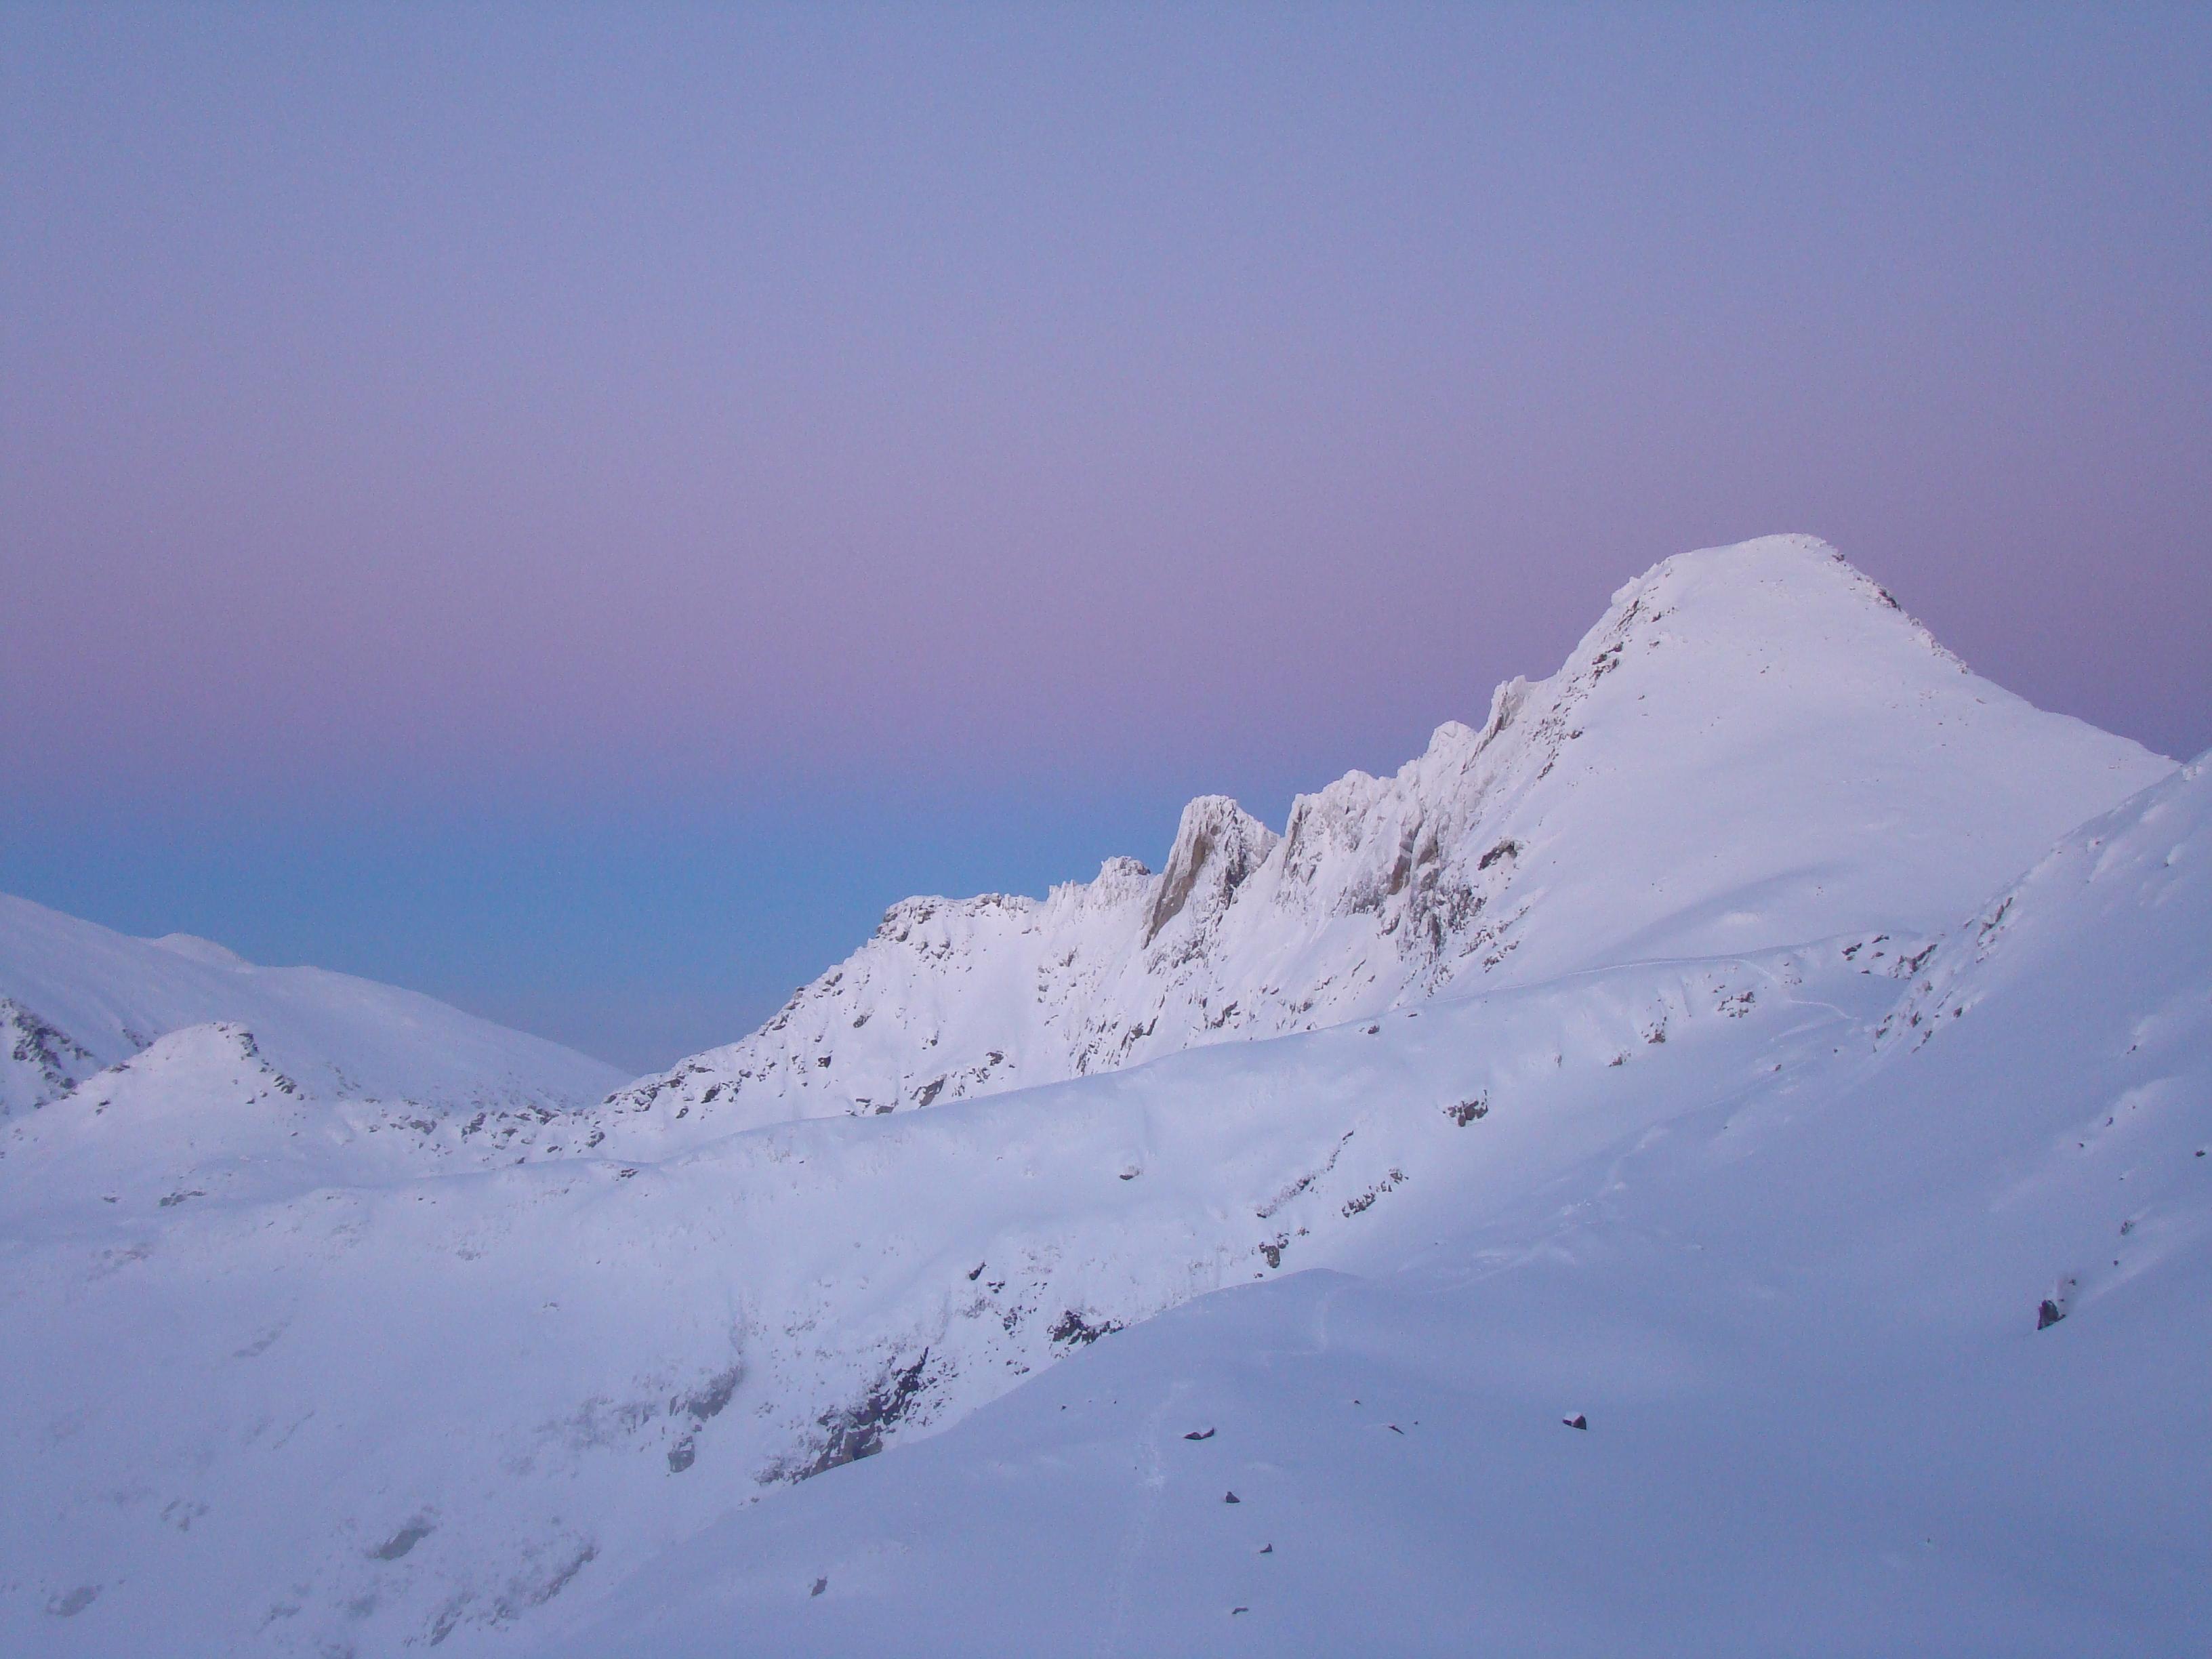 Mt. Dzhengal and its ridges